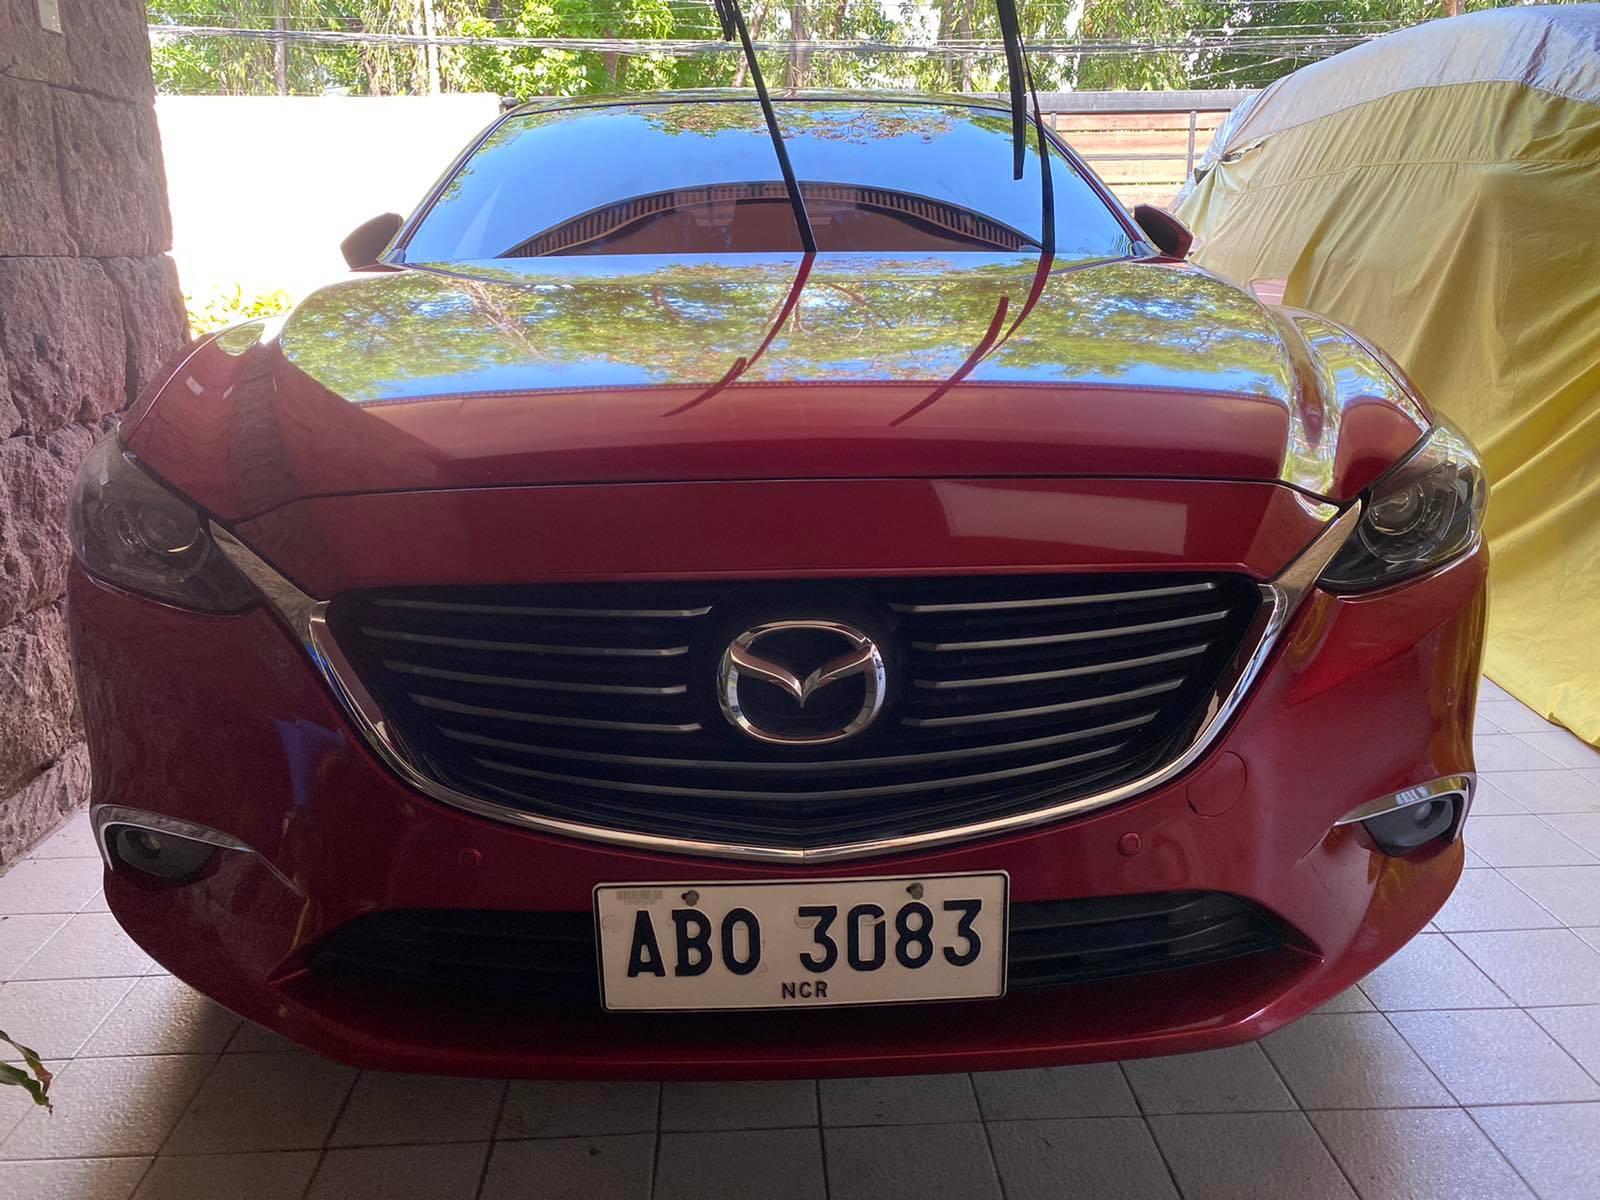 2015 Mazda 6 Sedan